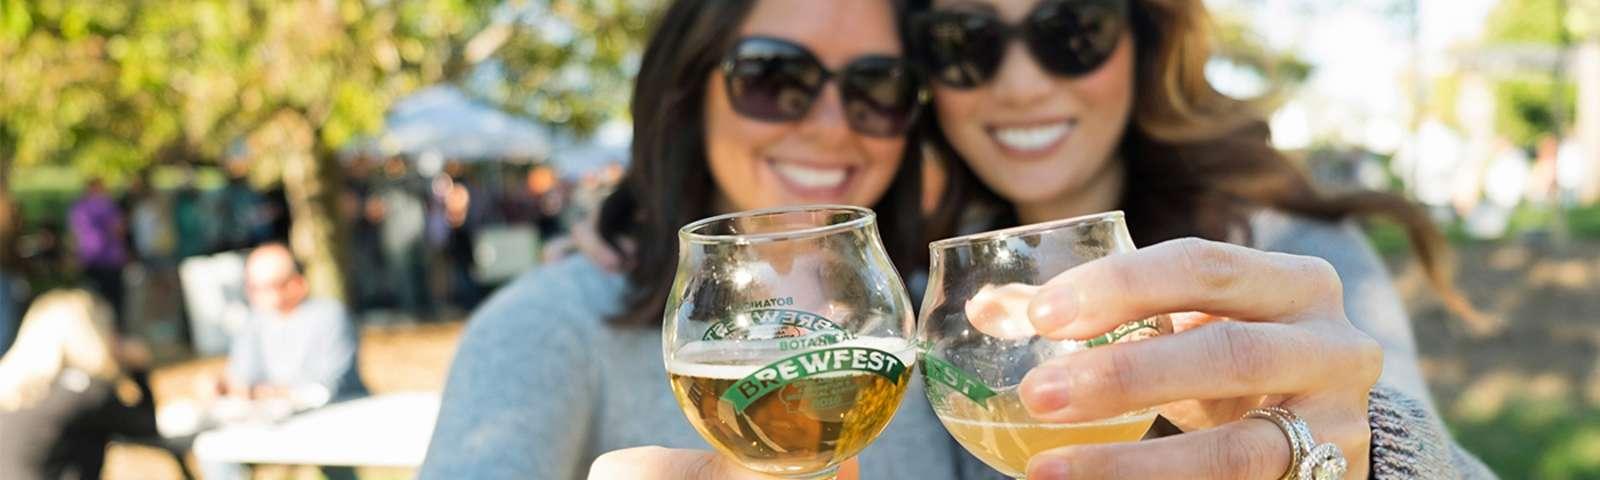 Brewfest Women Cheersing